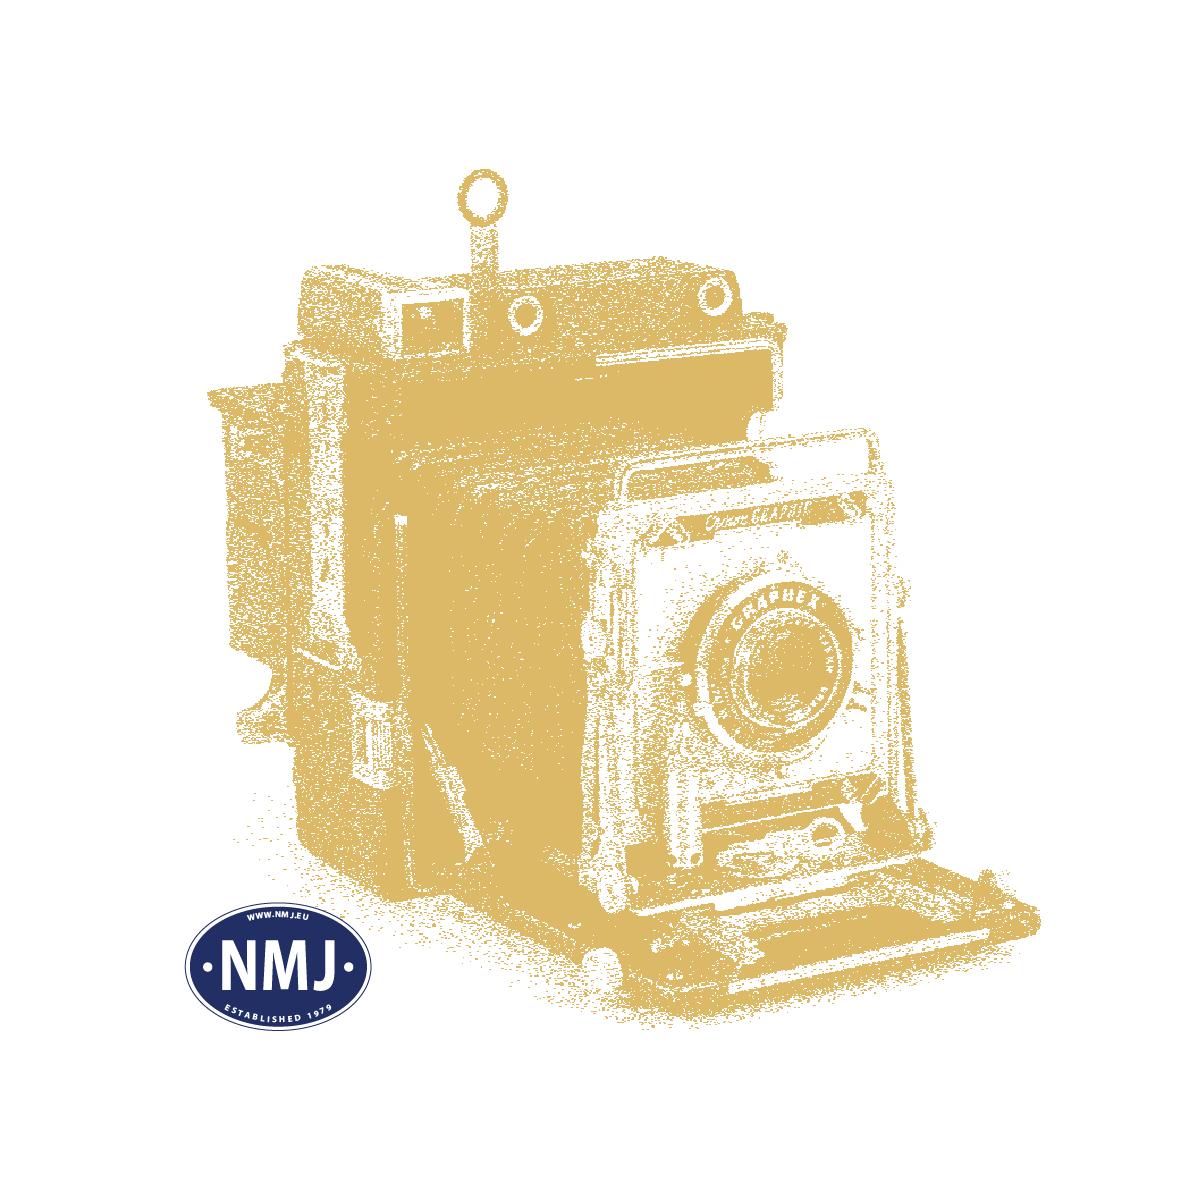 NMJT133.102 - NMJ Topline NSB BF10 21511, Gammeldesign